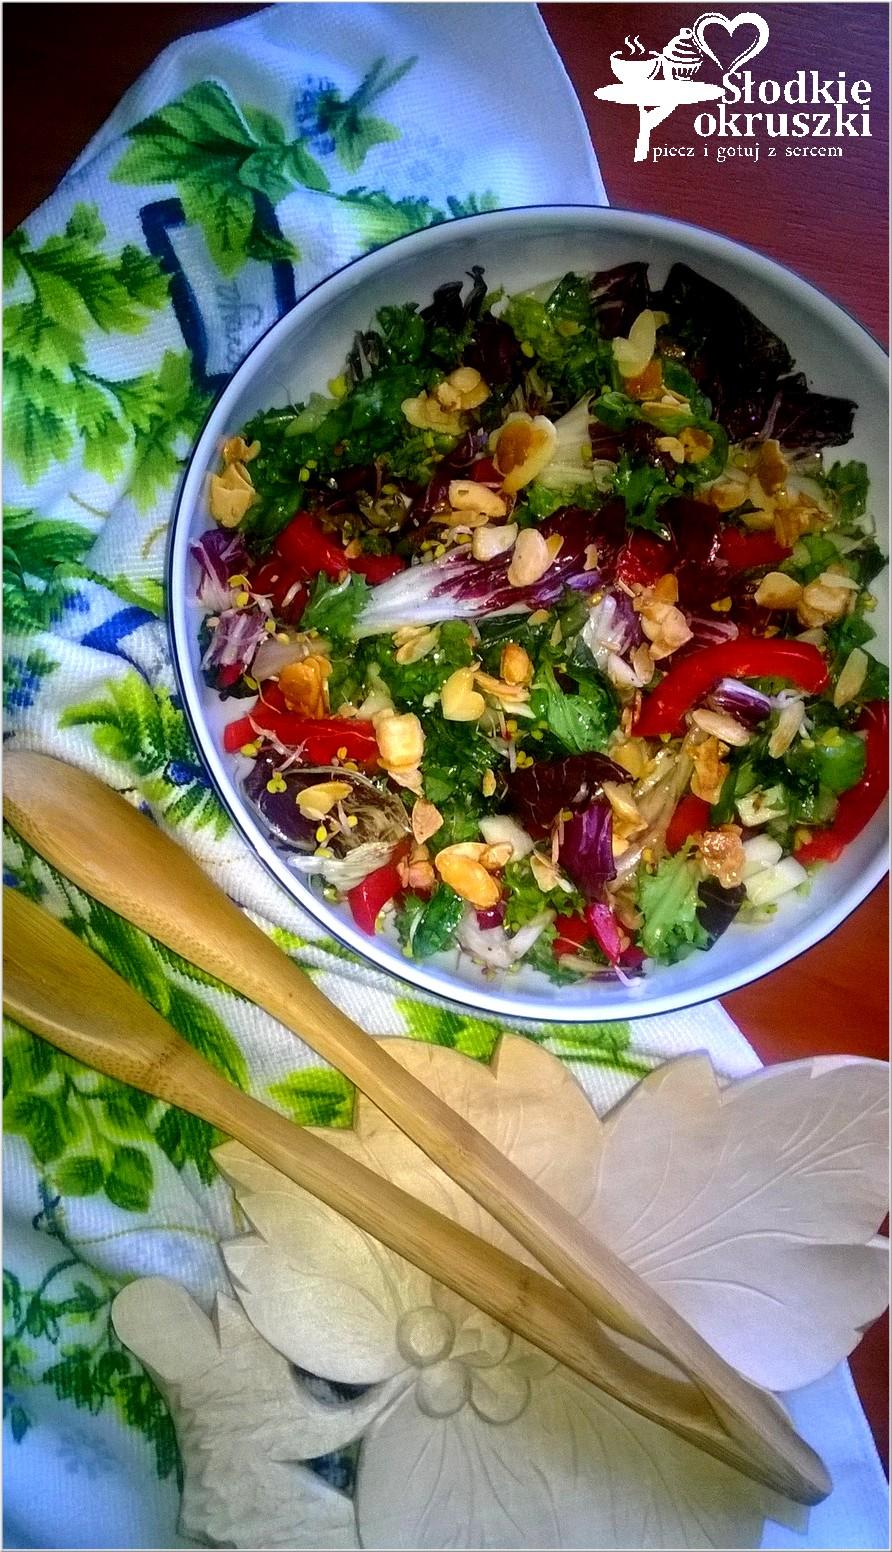 Kolorowa sałatka z miodowymi migdałami